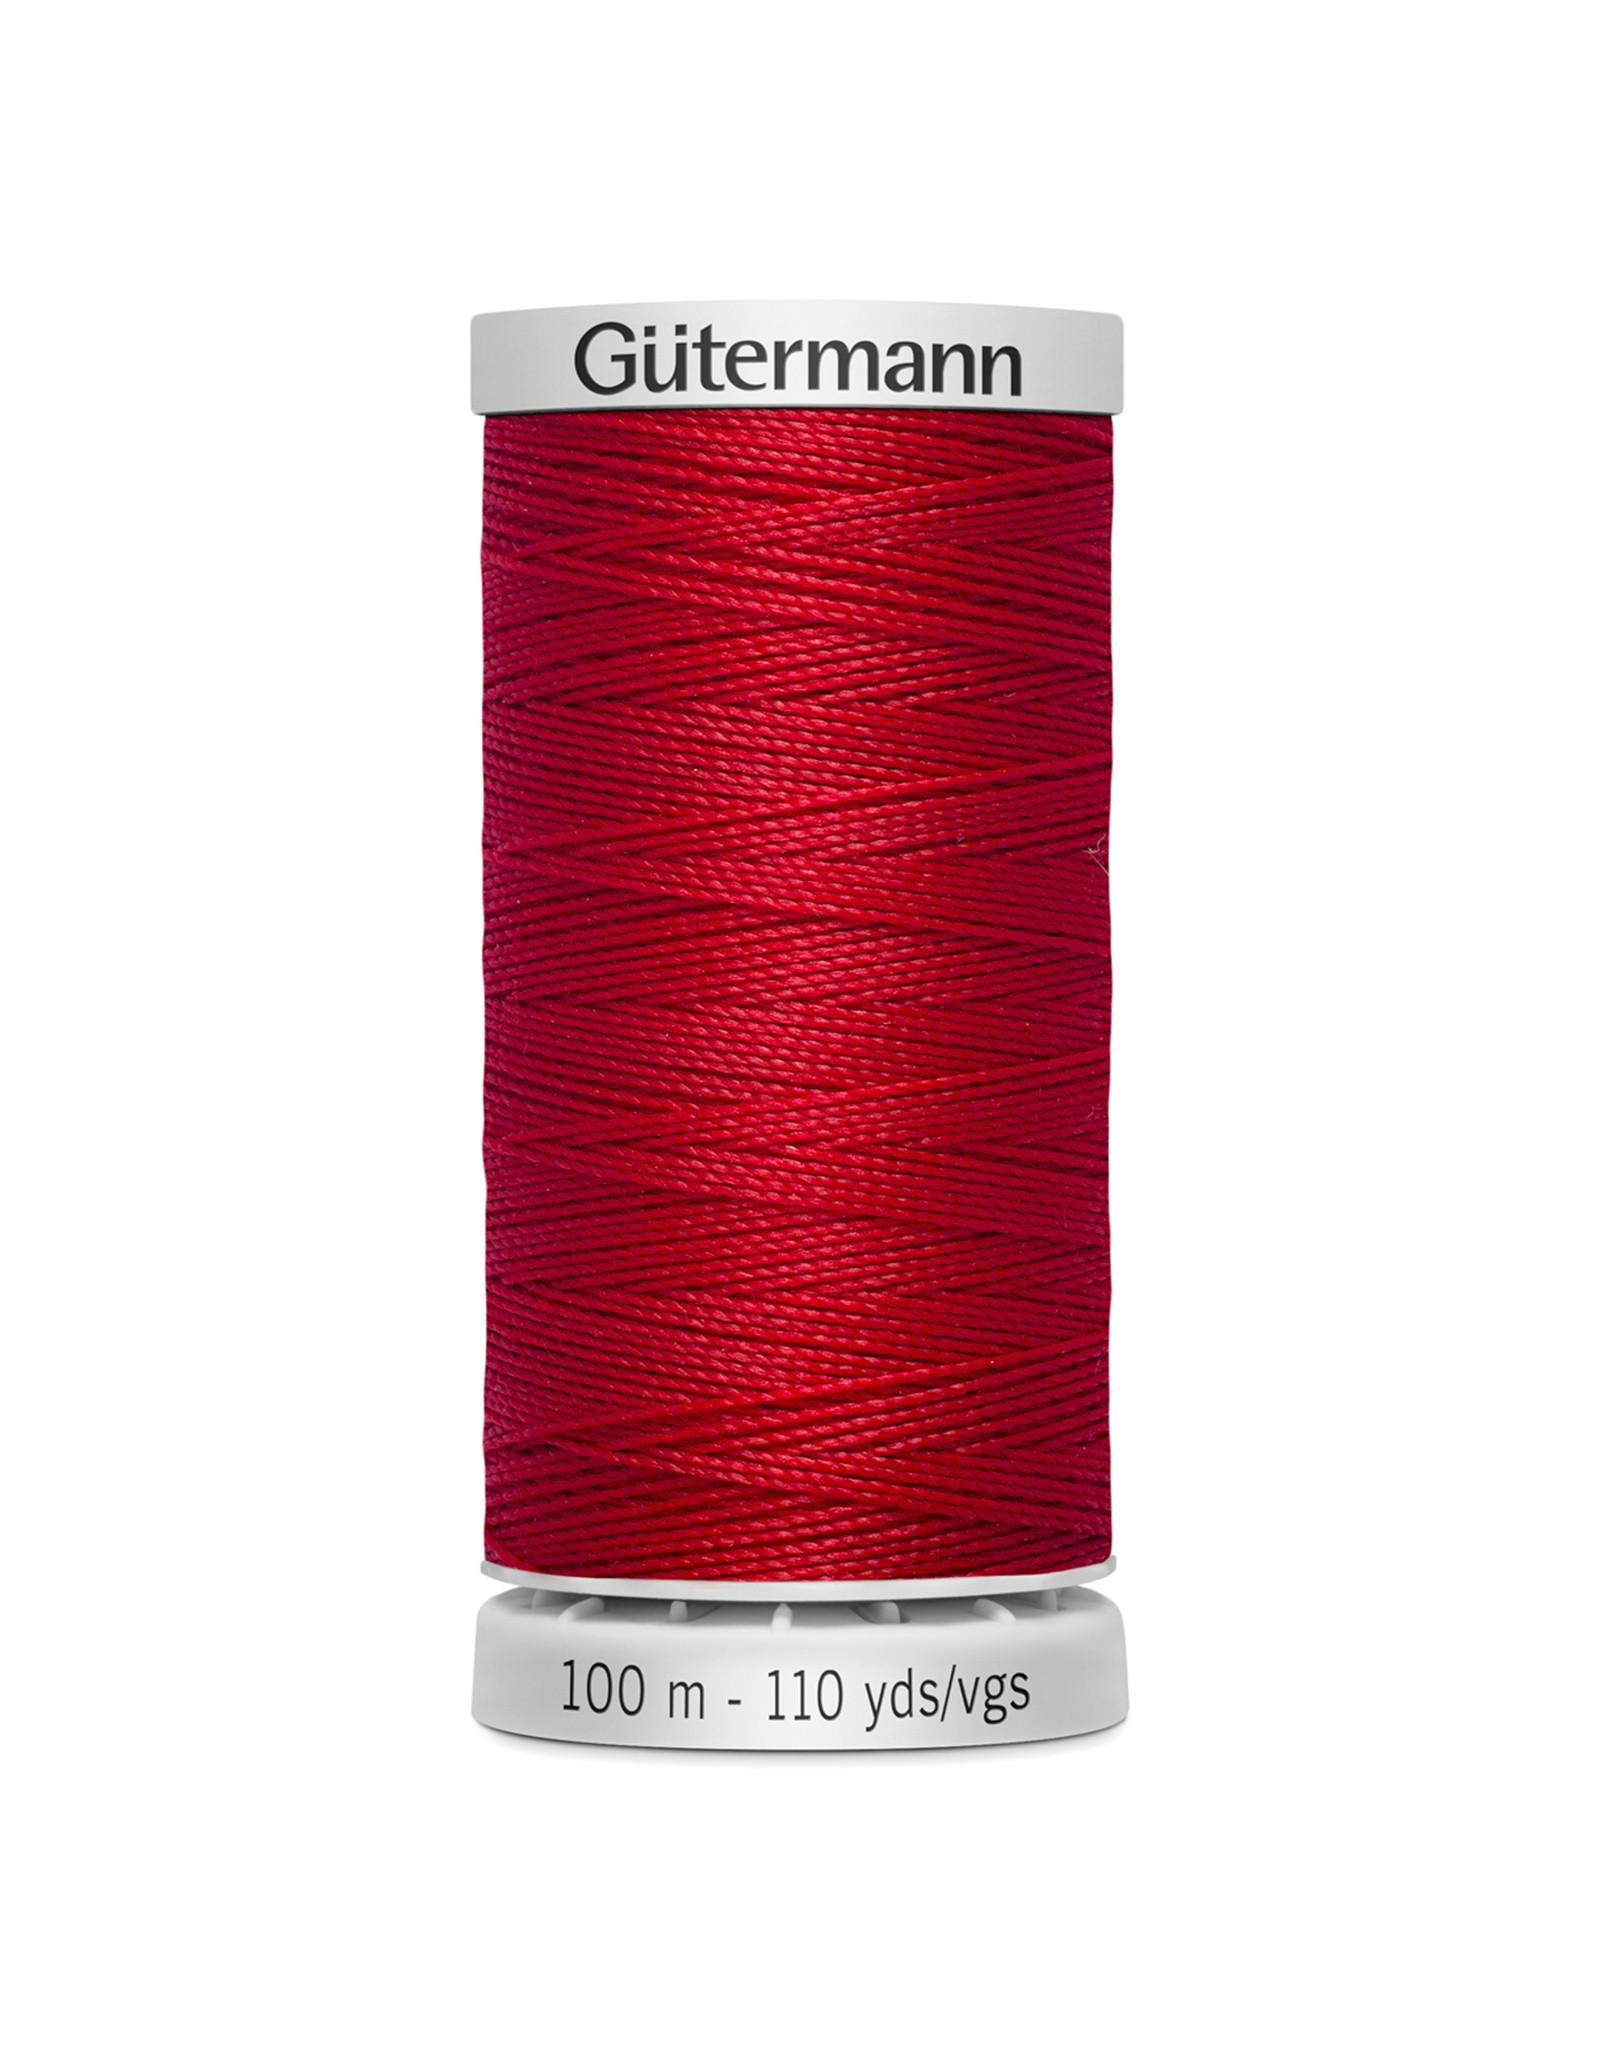 Gütermann Gütermann Super Stark garn 100 m - 156